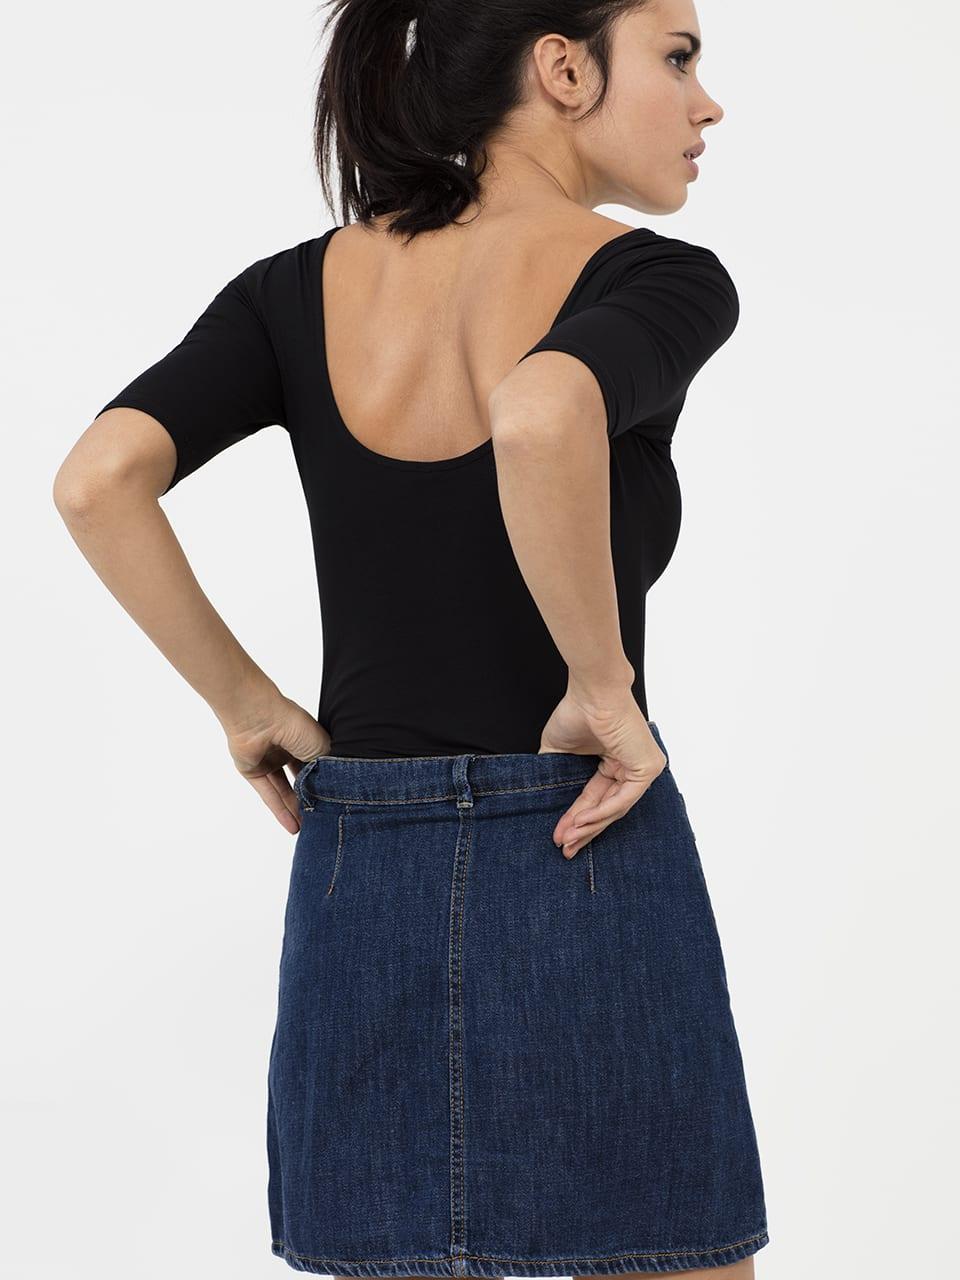 BLACK Scoop Neck Half Sleeve Body Suit